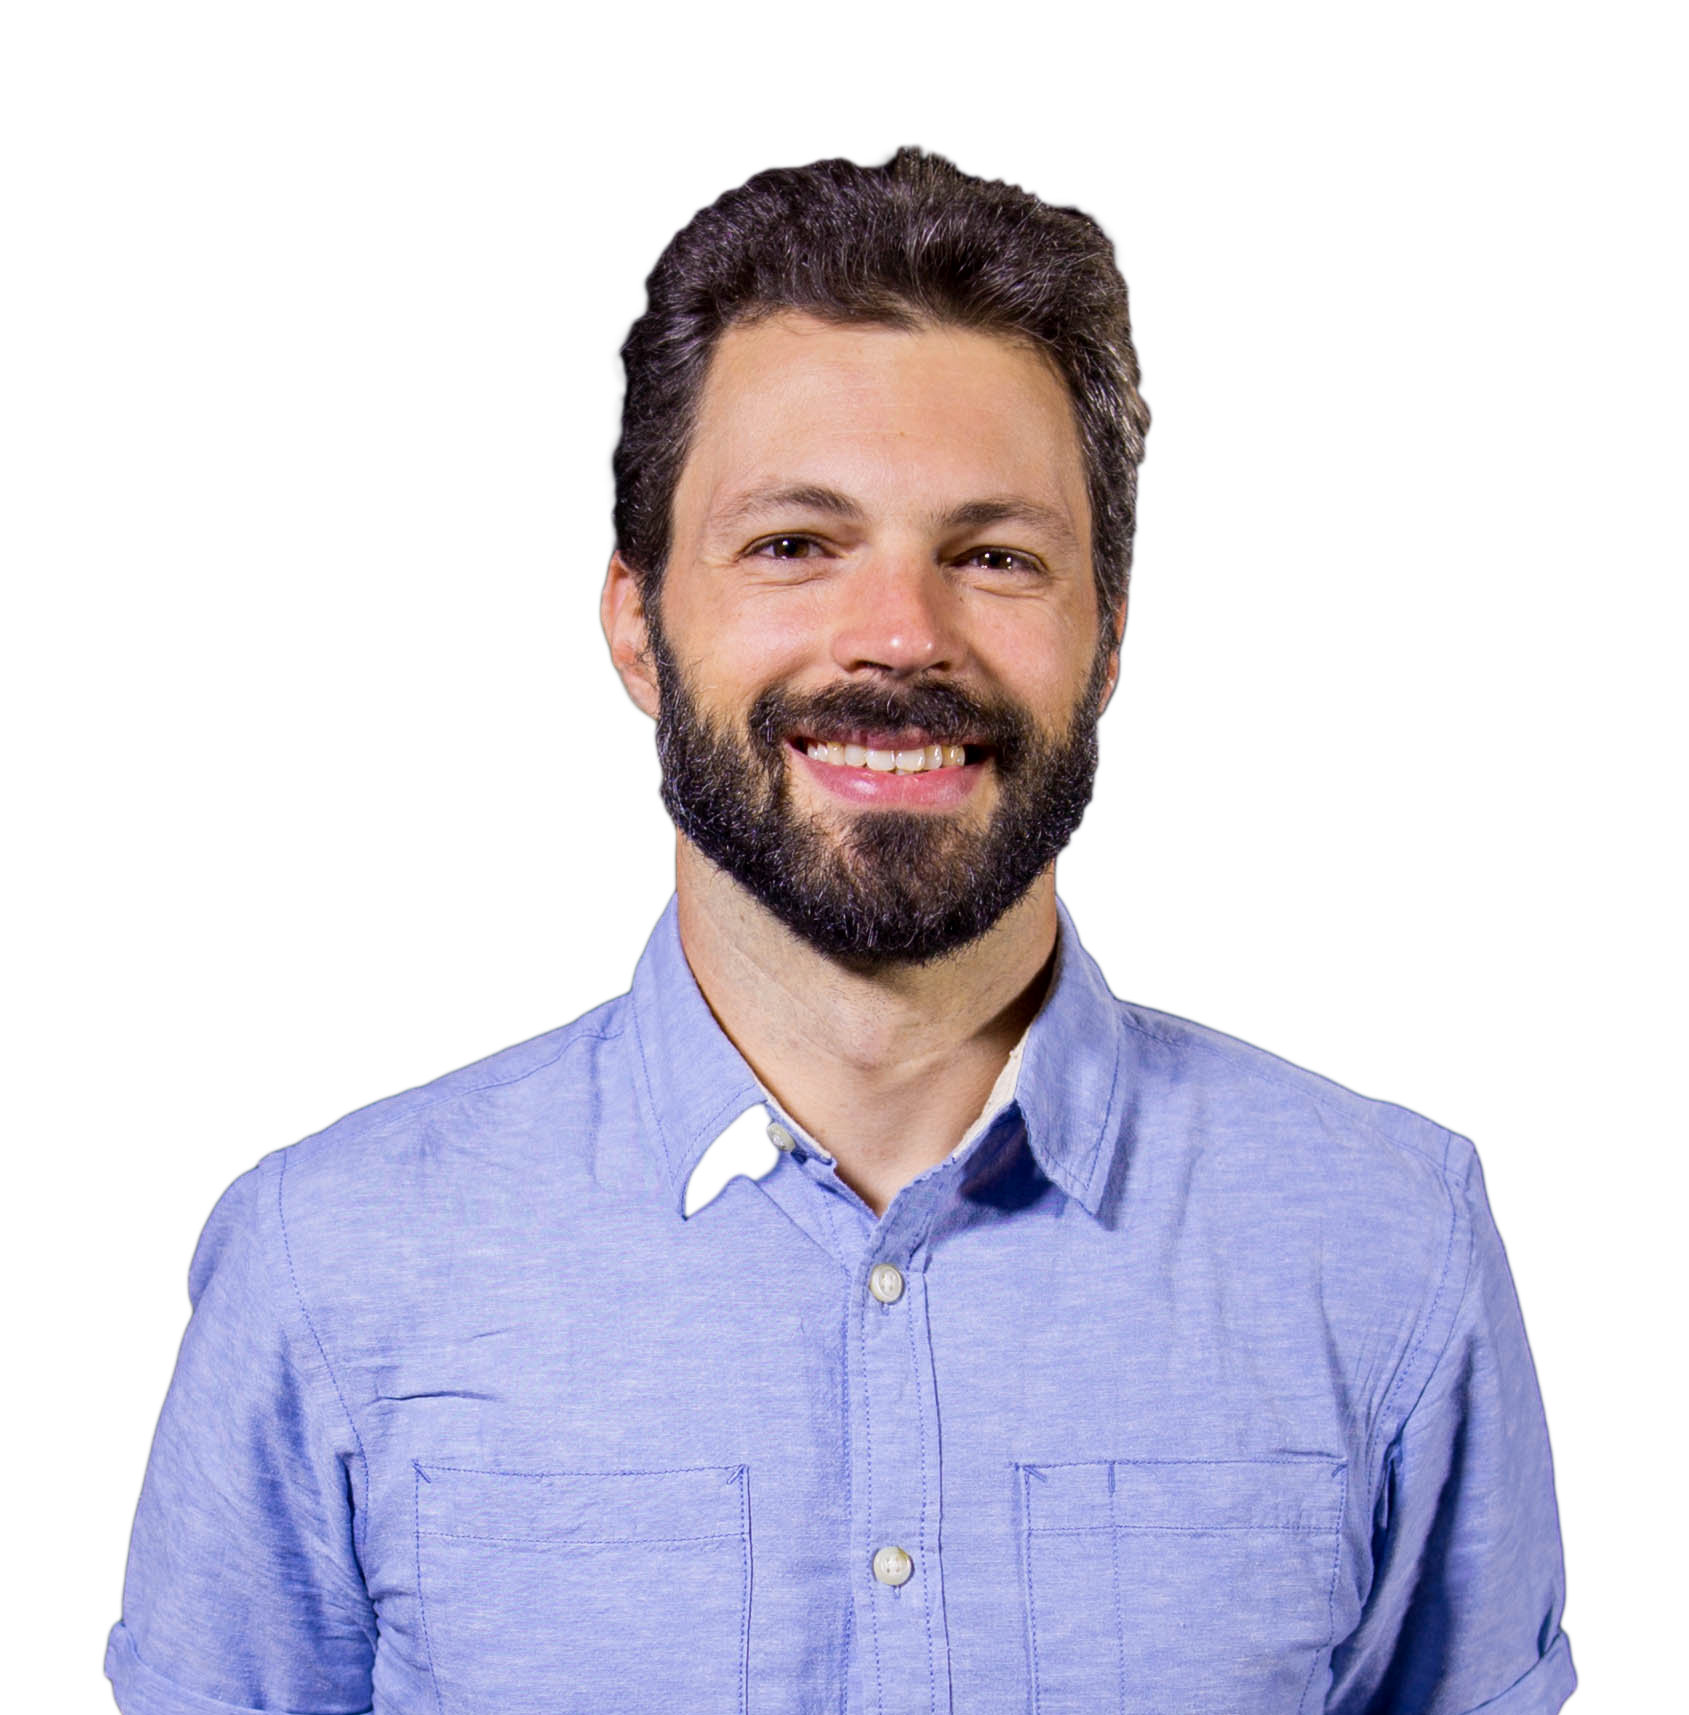 Lucas Tiberti